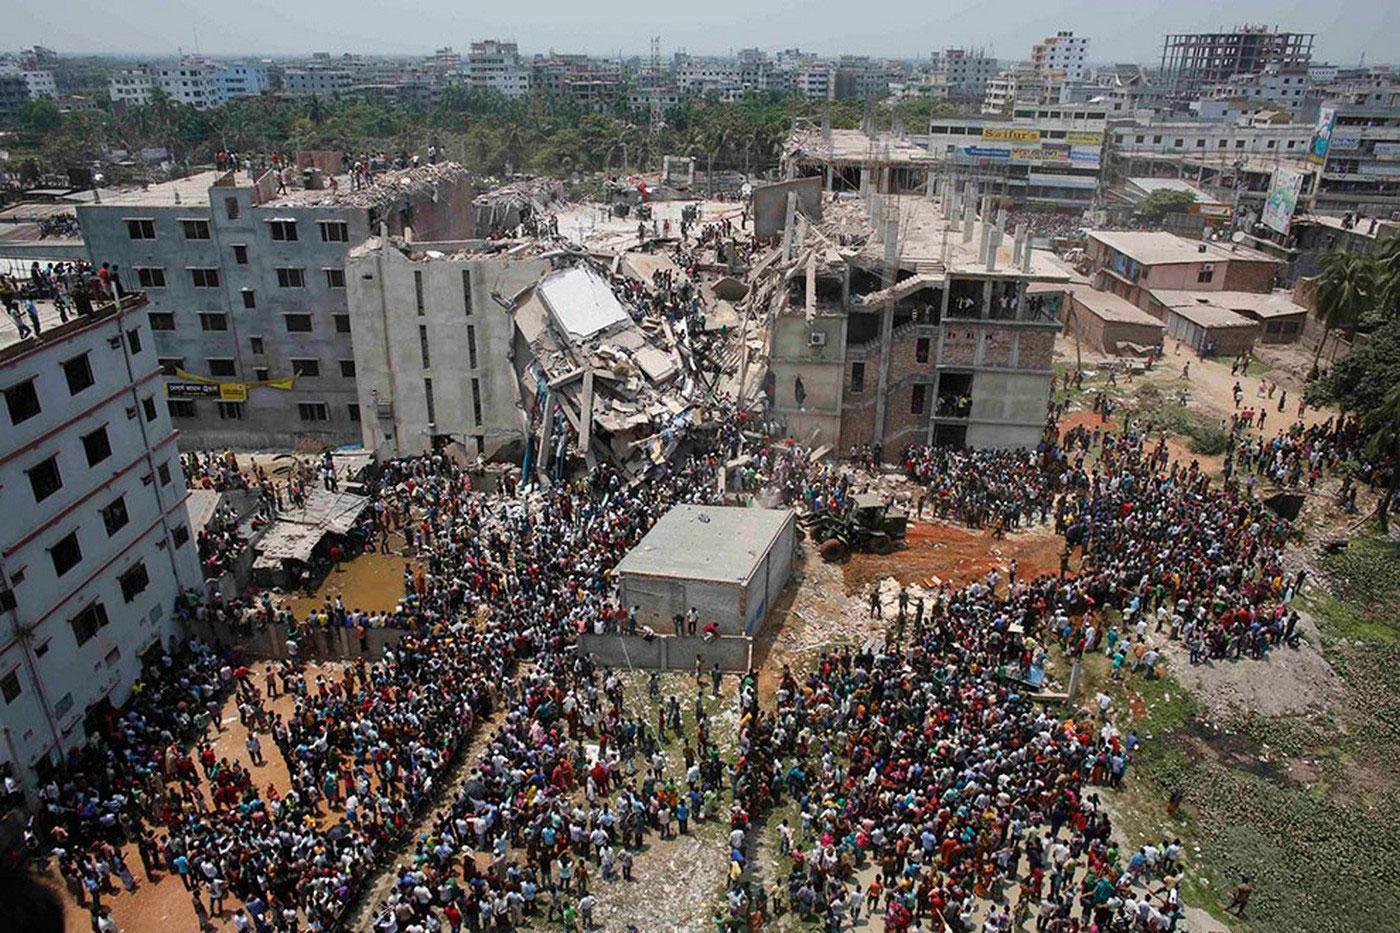 место происшествия в Бангладеш